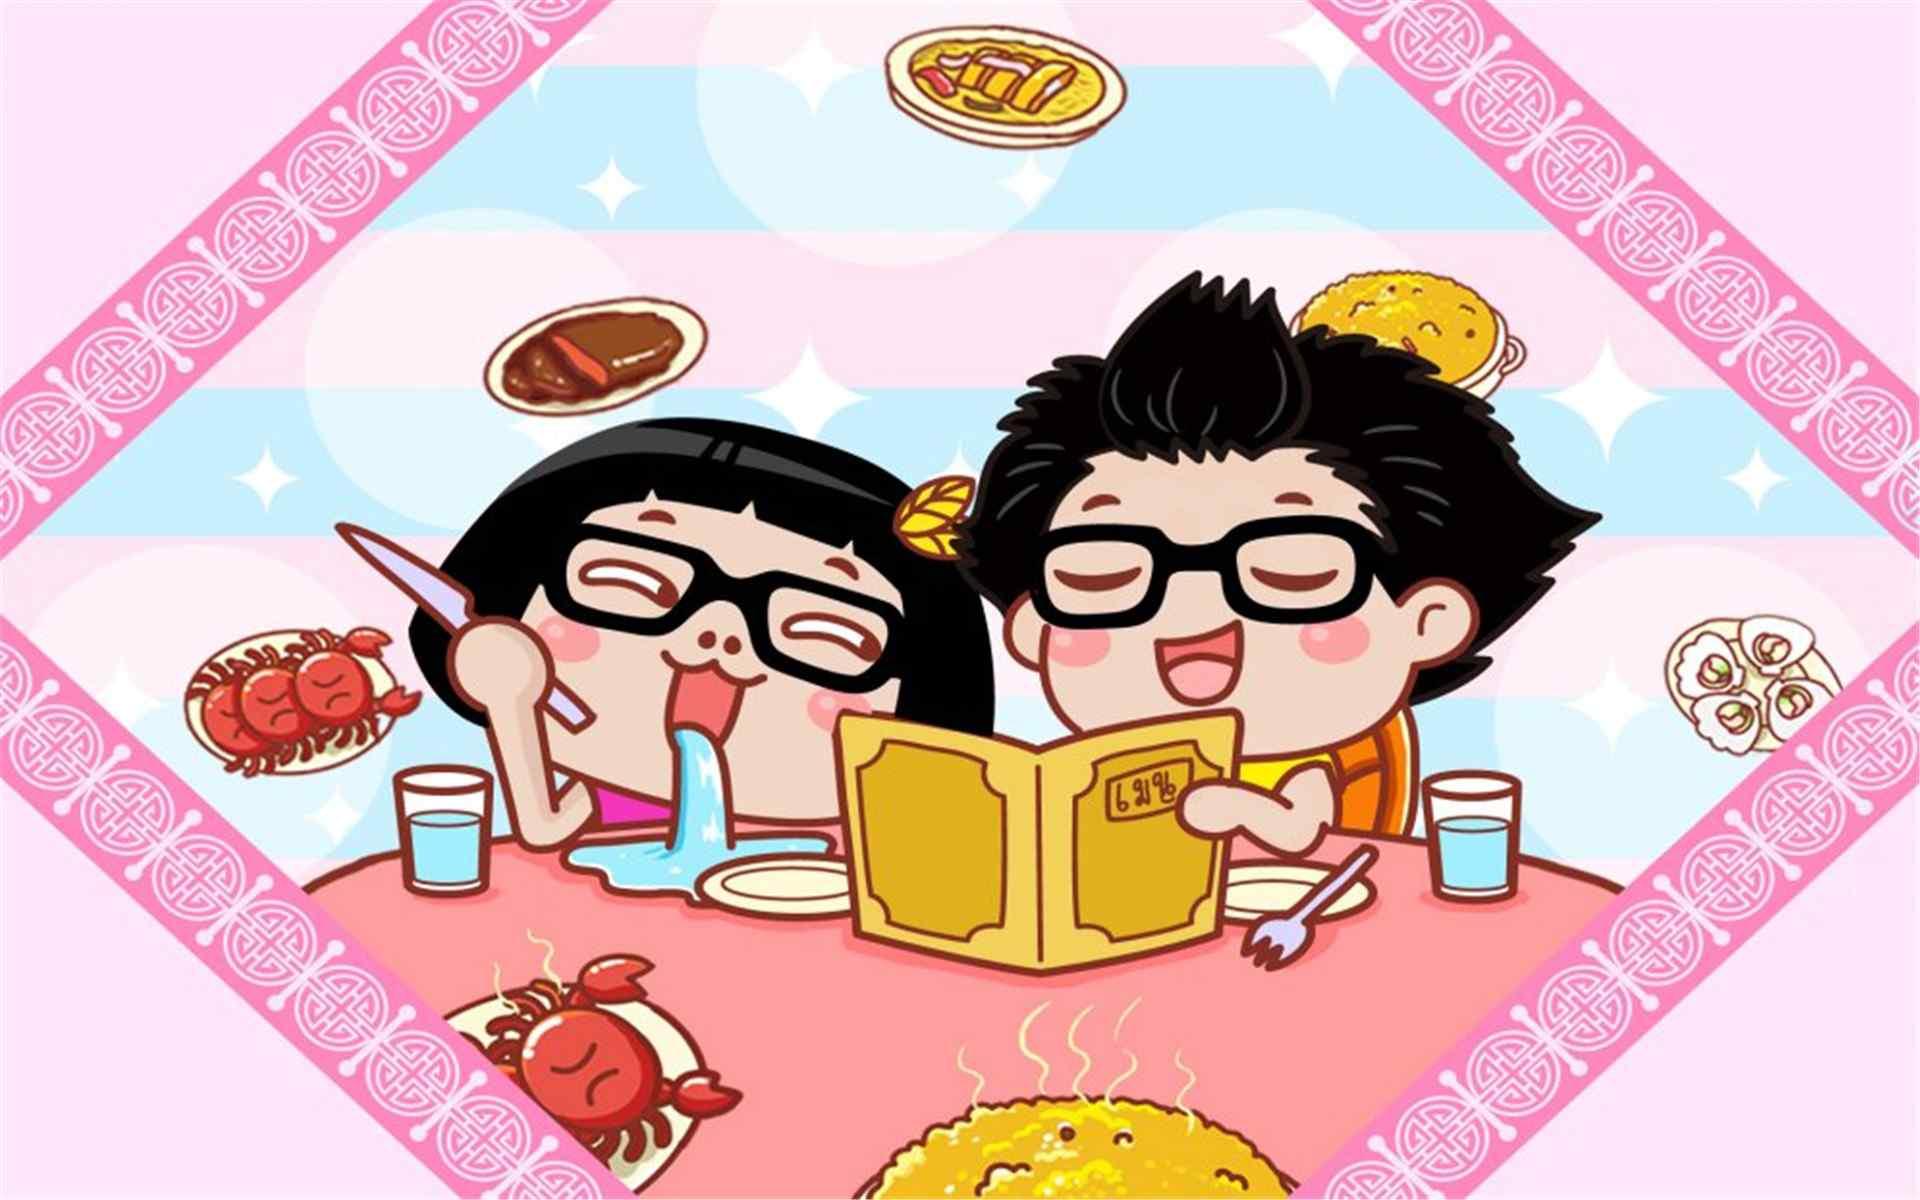 卡通人物可愛的hello菜菜情侶壁紙